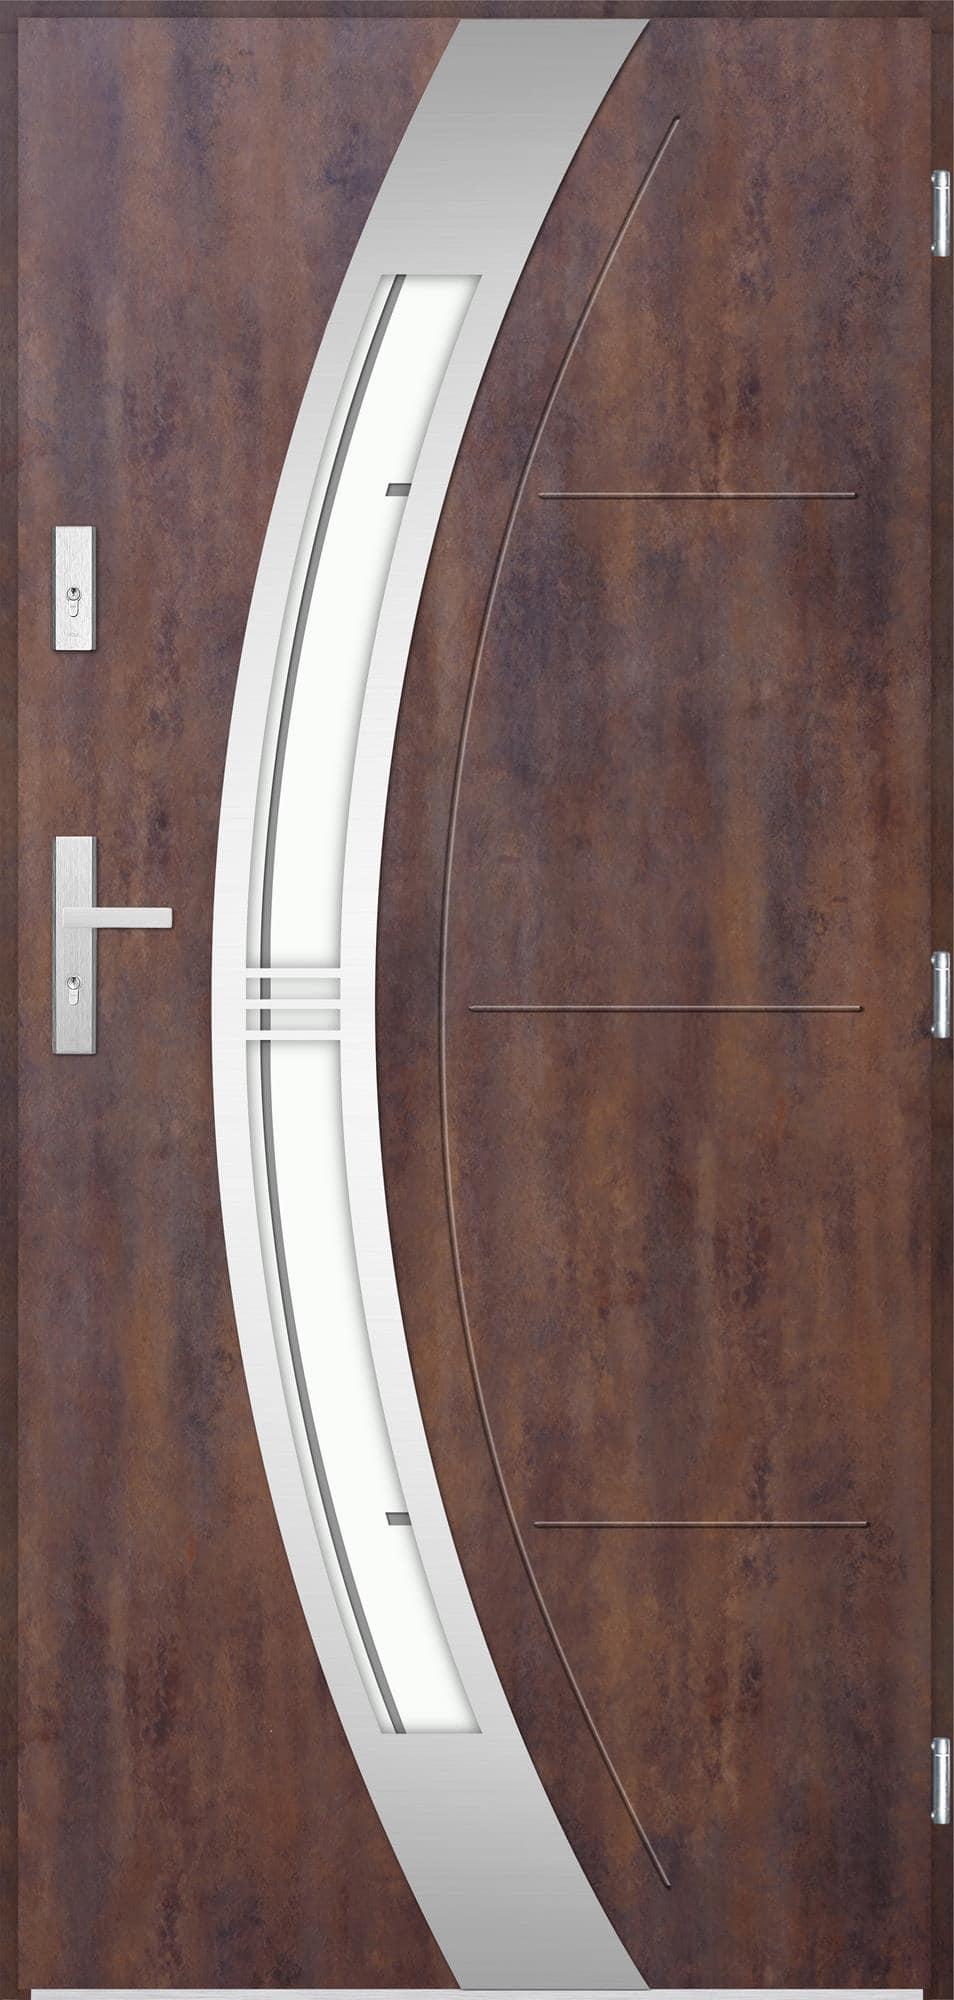 Venkovní vchodové dveøe Andrea, rez